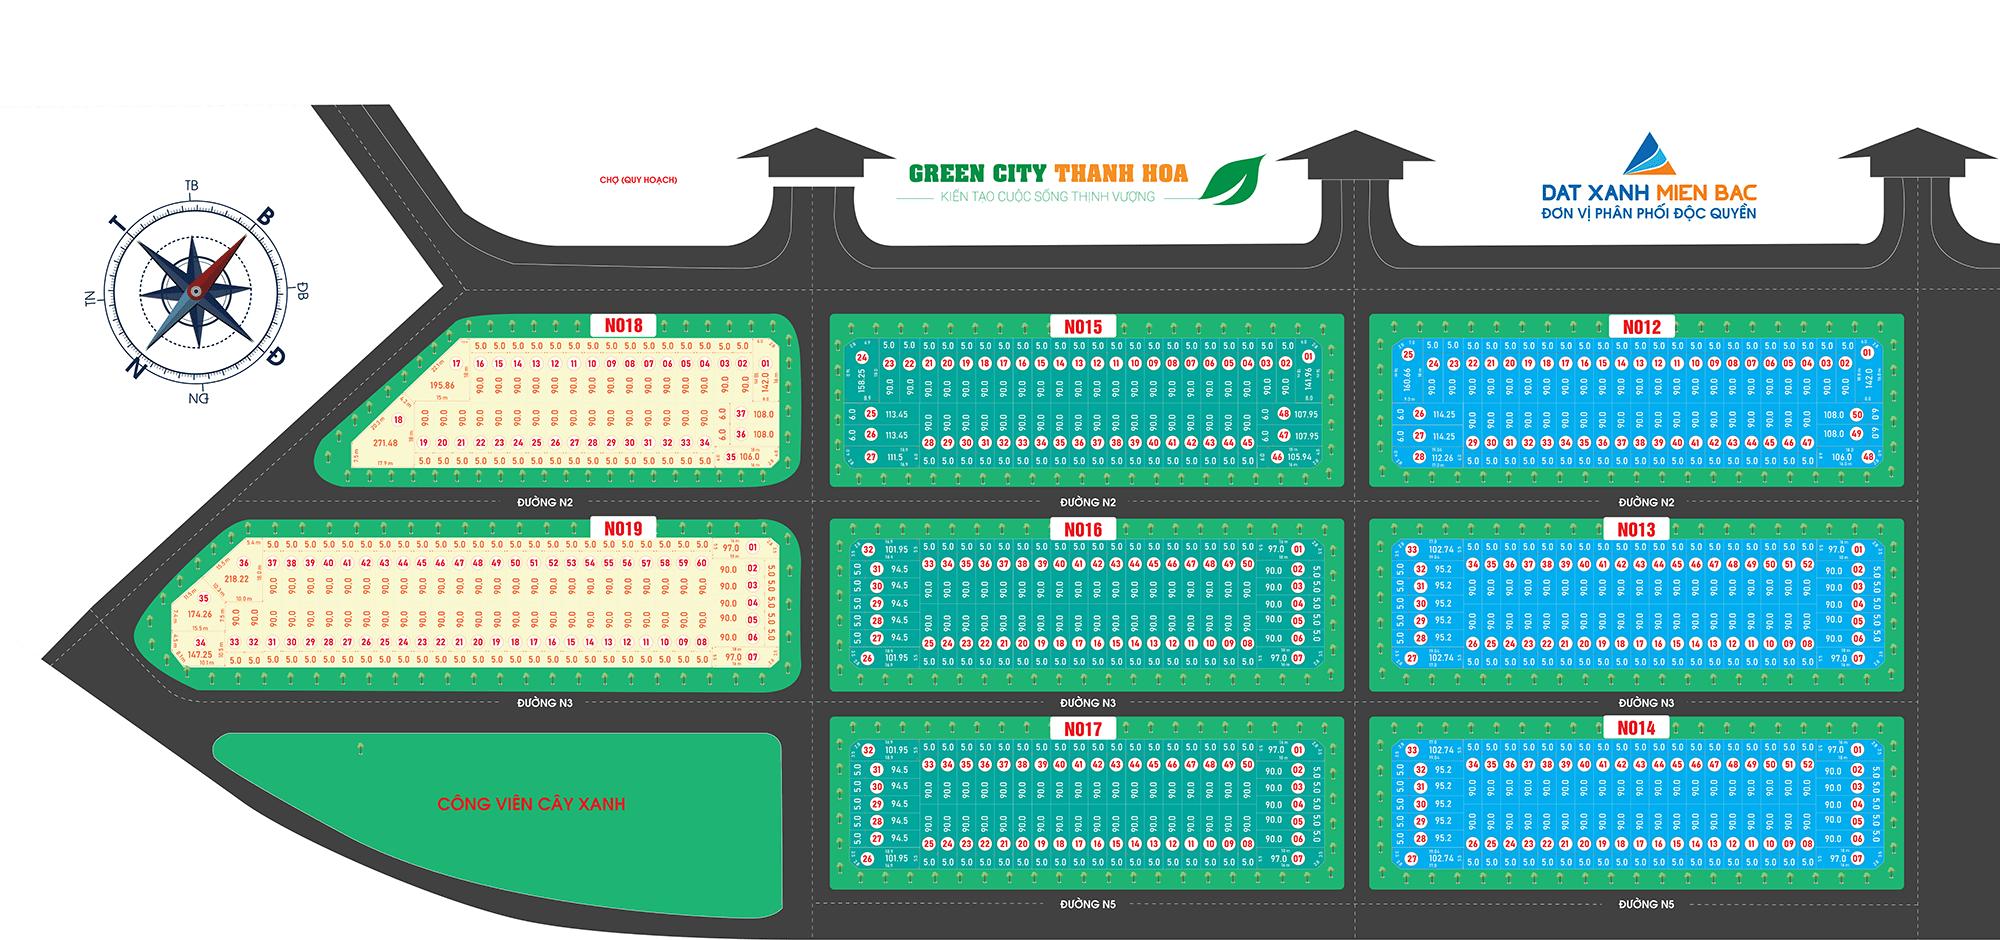 mặt bằng dự án green city thanh hóa